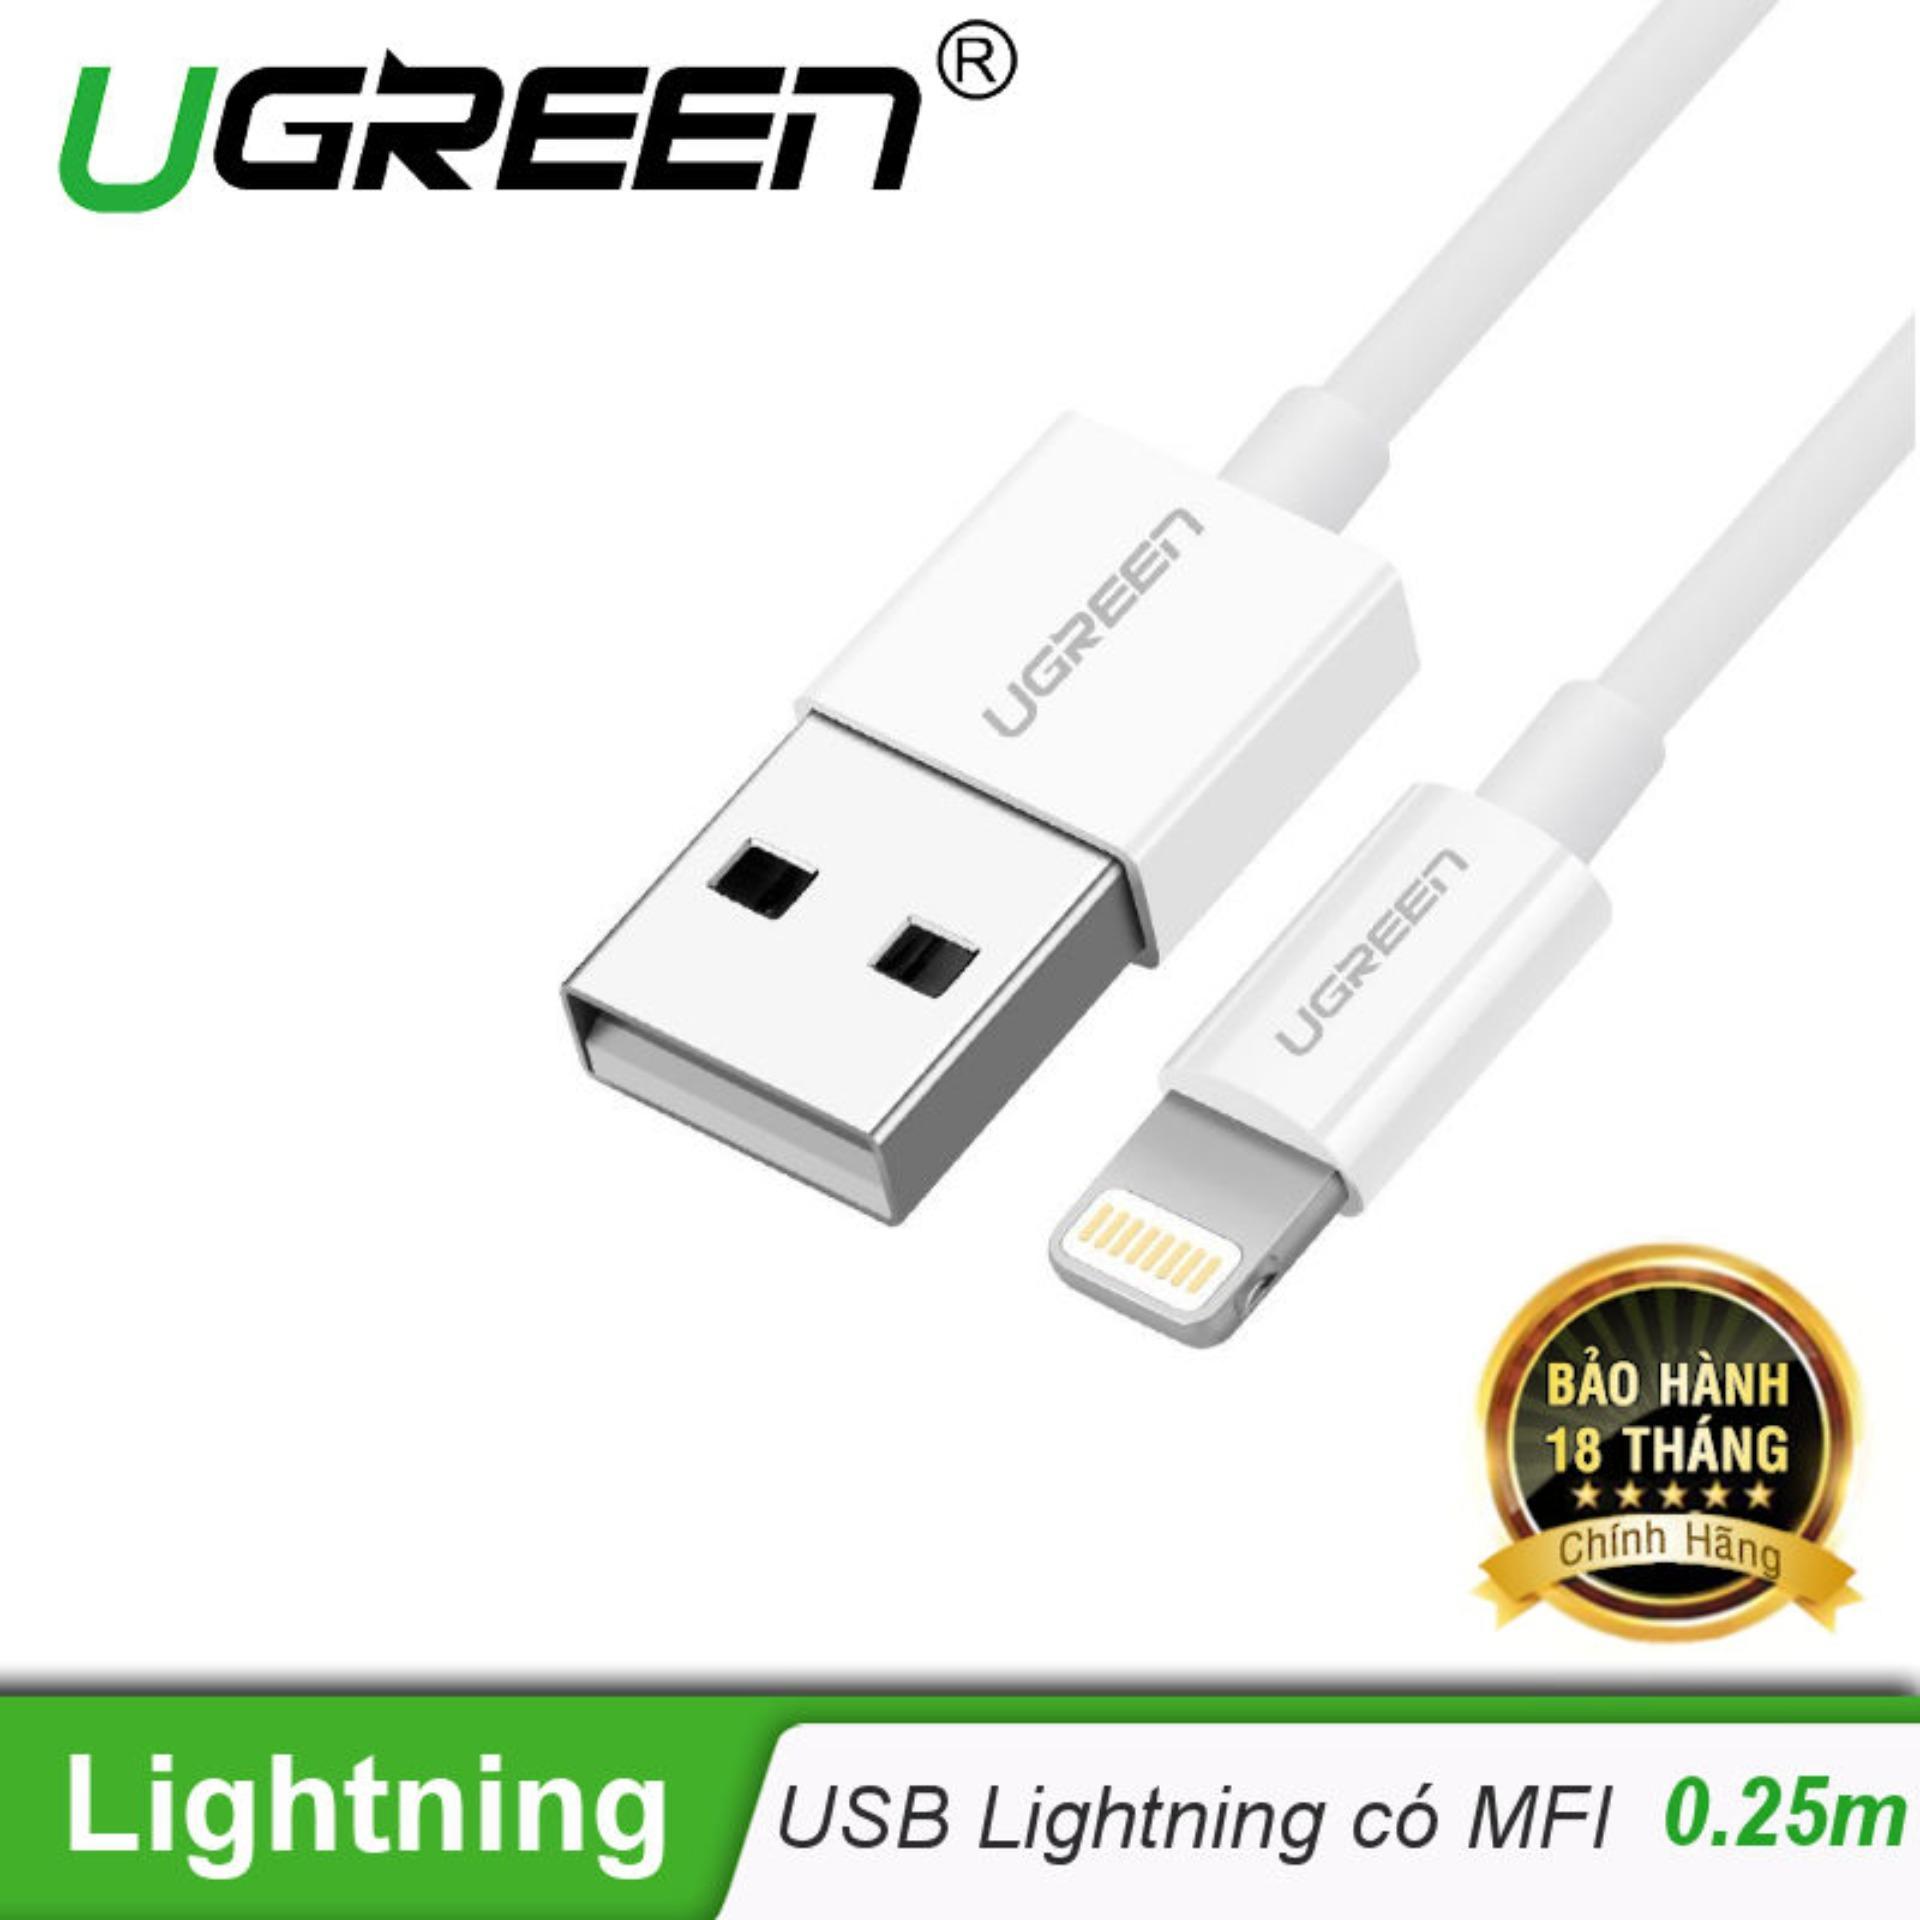 Cửa Hàng Day Usb Lighting Co Chip Mfi 25M Ugreen Us155 20726 Hang Phan Phối Chinh Thức Ugreen Hà Nội